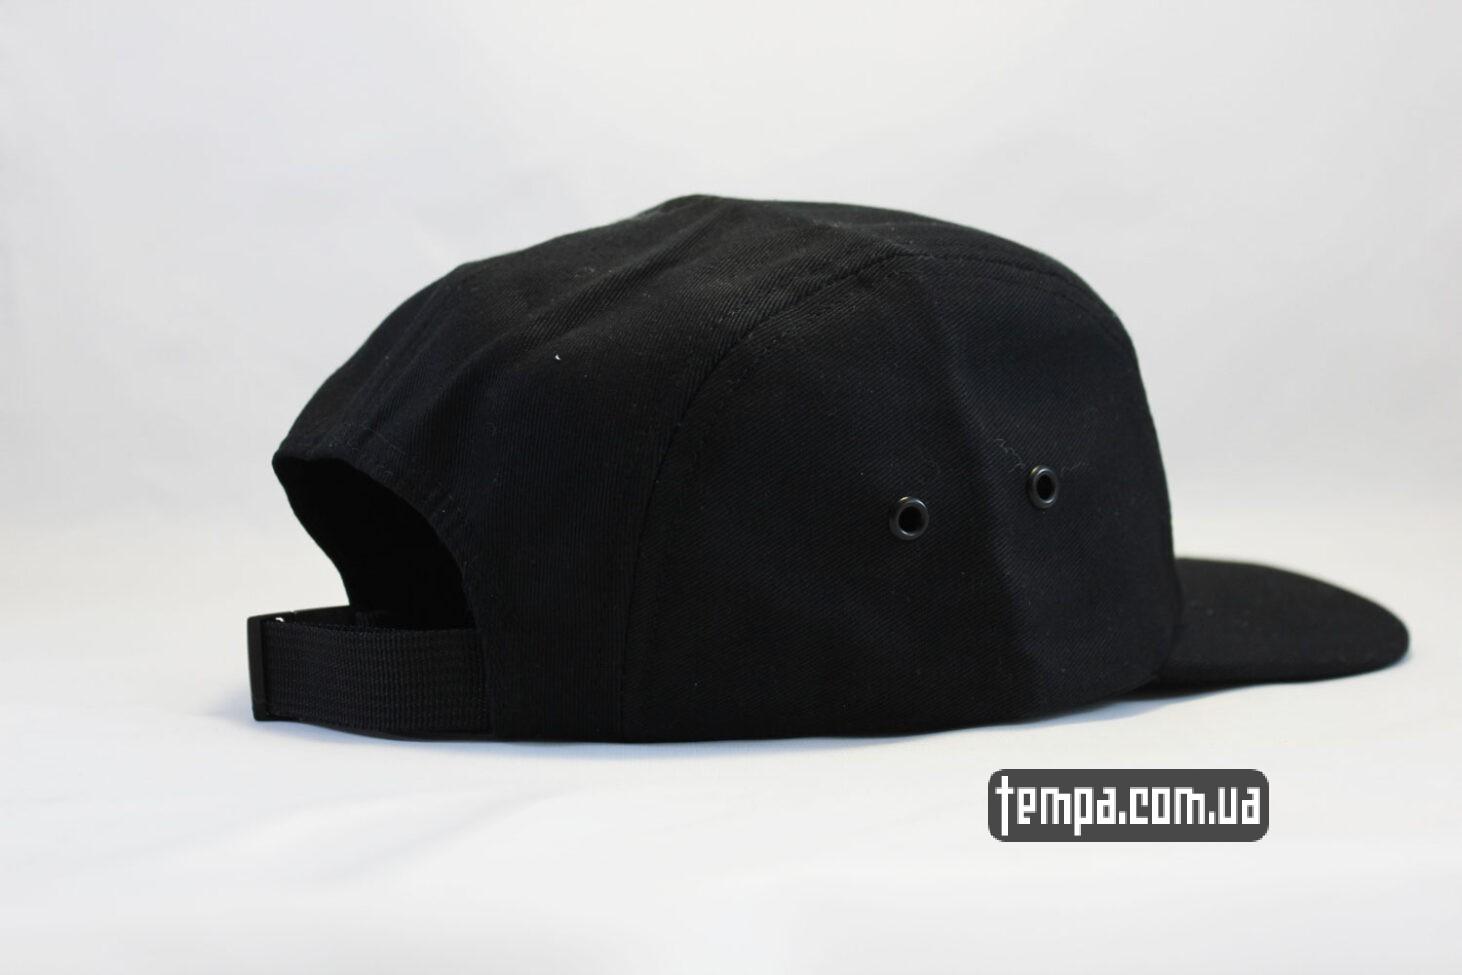 пятипанелька пятипанельная кепка carhartt 5 panel cap черная